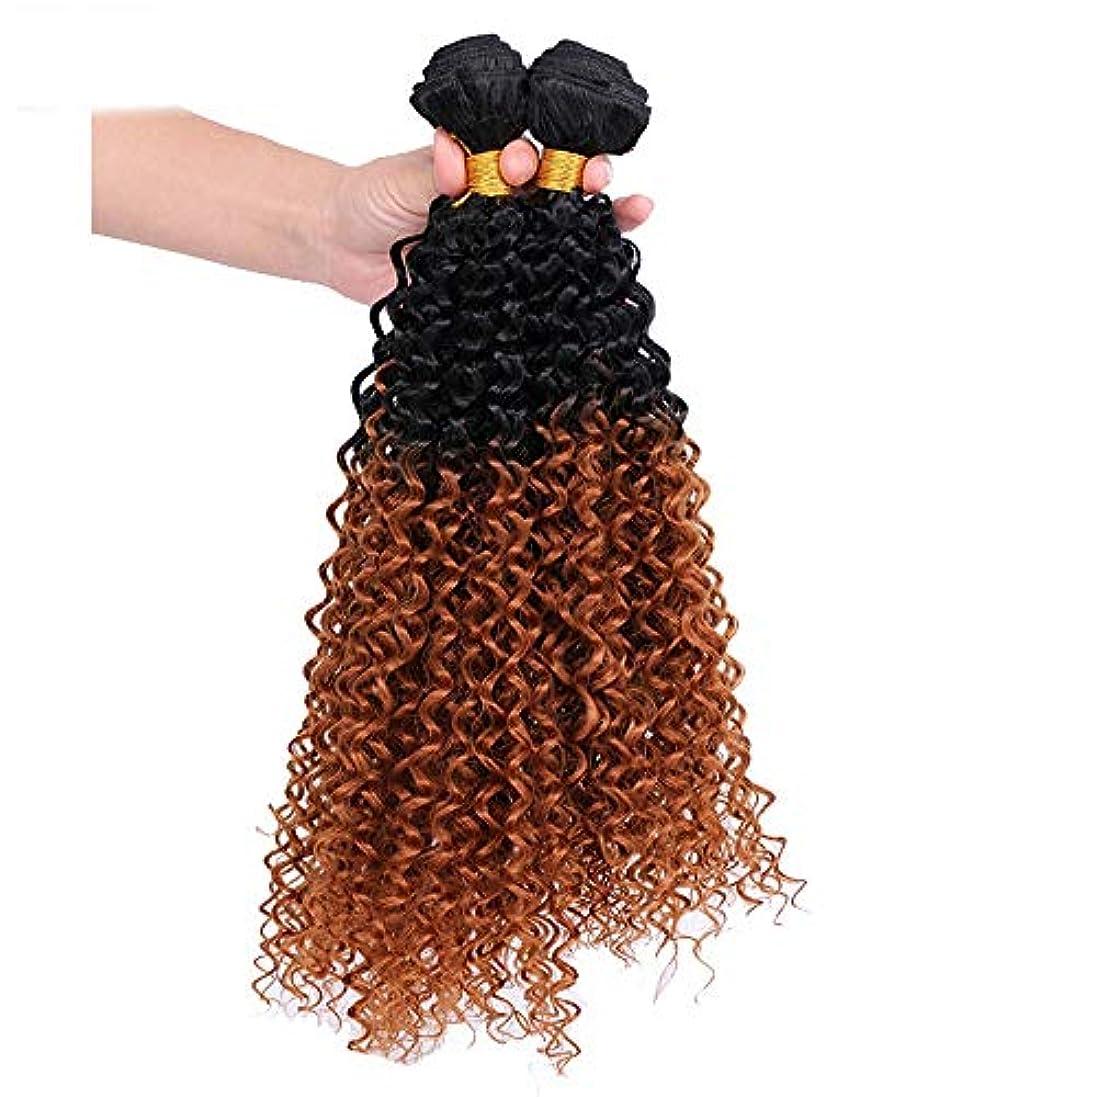 改善あなたのもの勝利したHOHYLLYA 茶色のグラデーション巻き毛の女性のためのコスプレパーティードレス(3バンドル)合成髪レースかつらロールプレイングかつらロングとショートの女性自然 (色 : ブラウン, サイズ : 24inch)